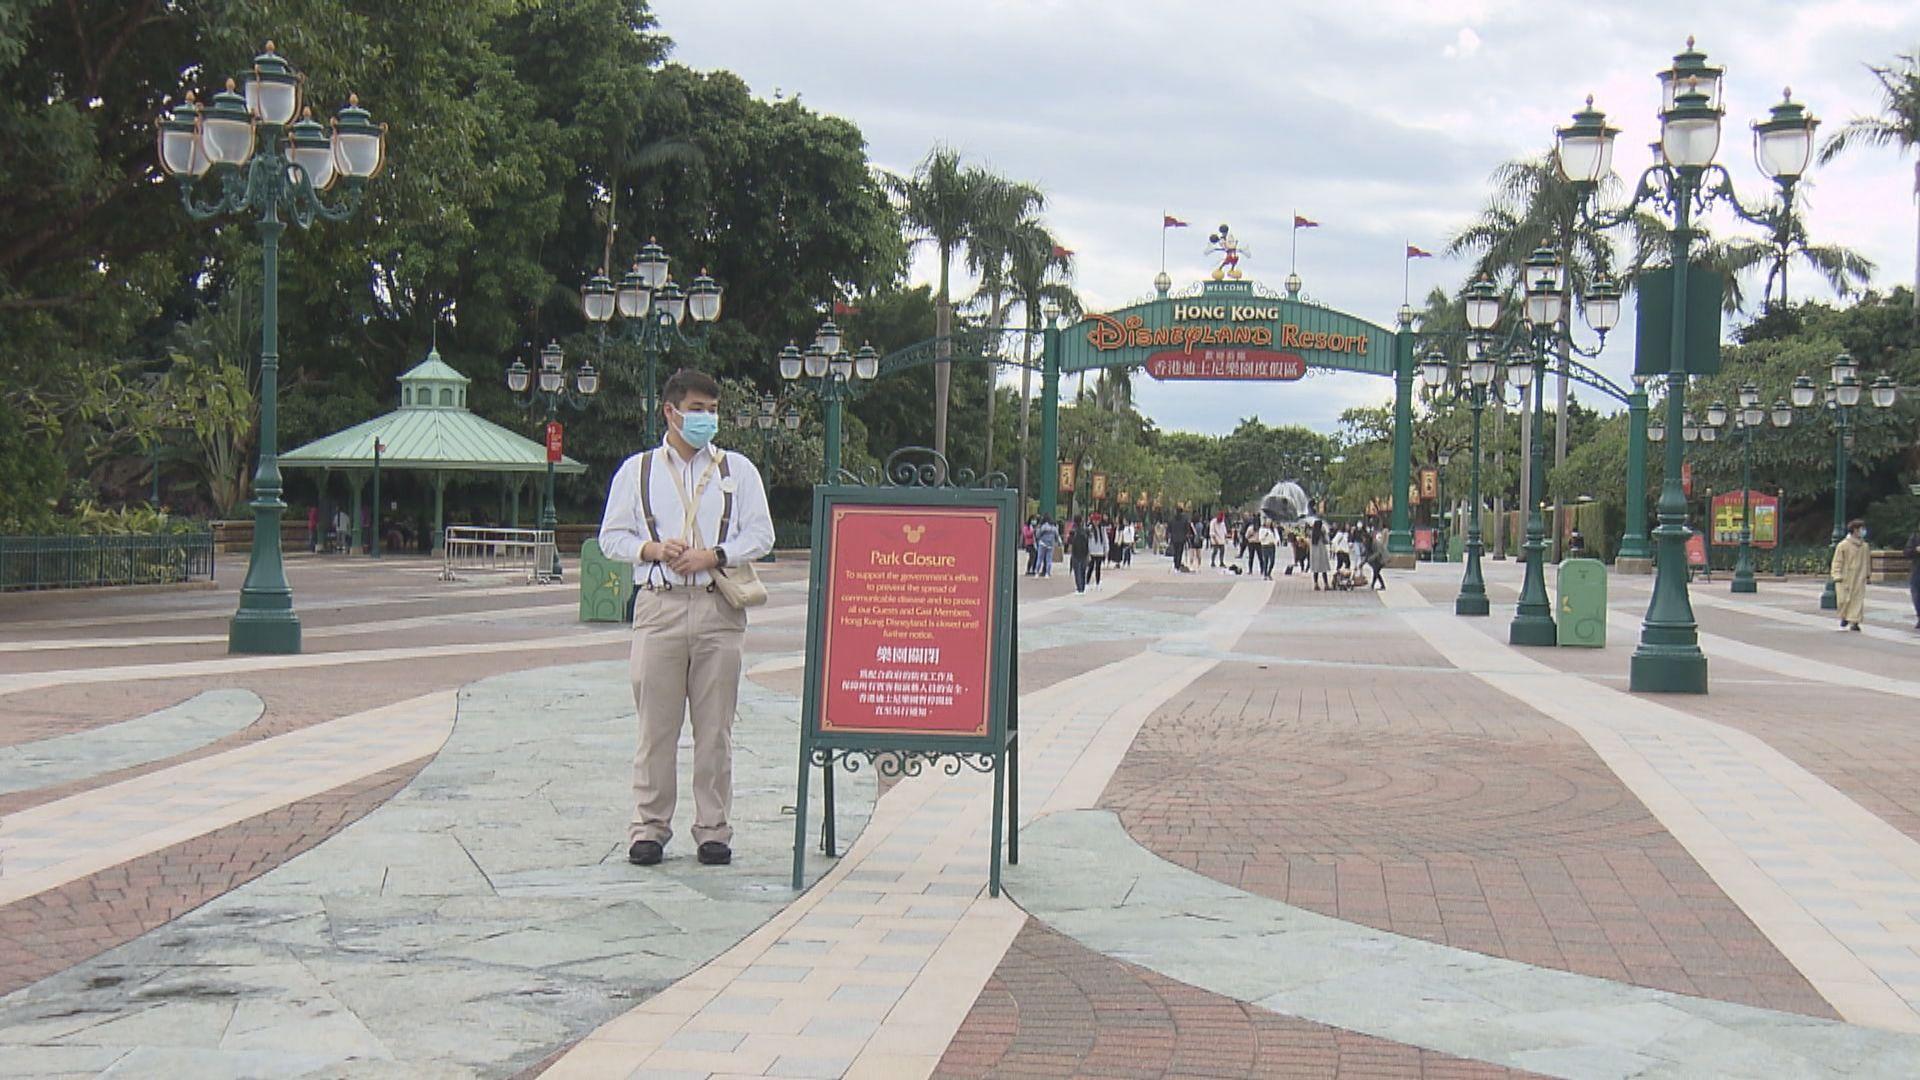 香港迪士尼副總裁以上行政人員 本月起減薪二至三成